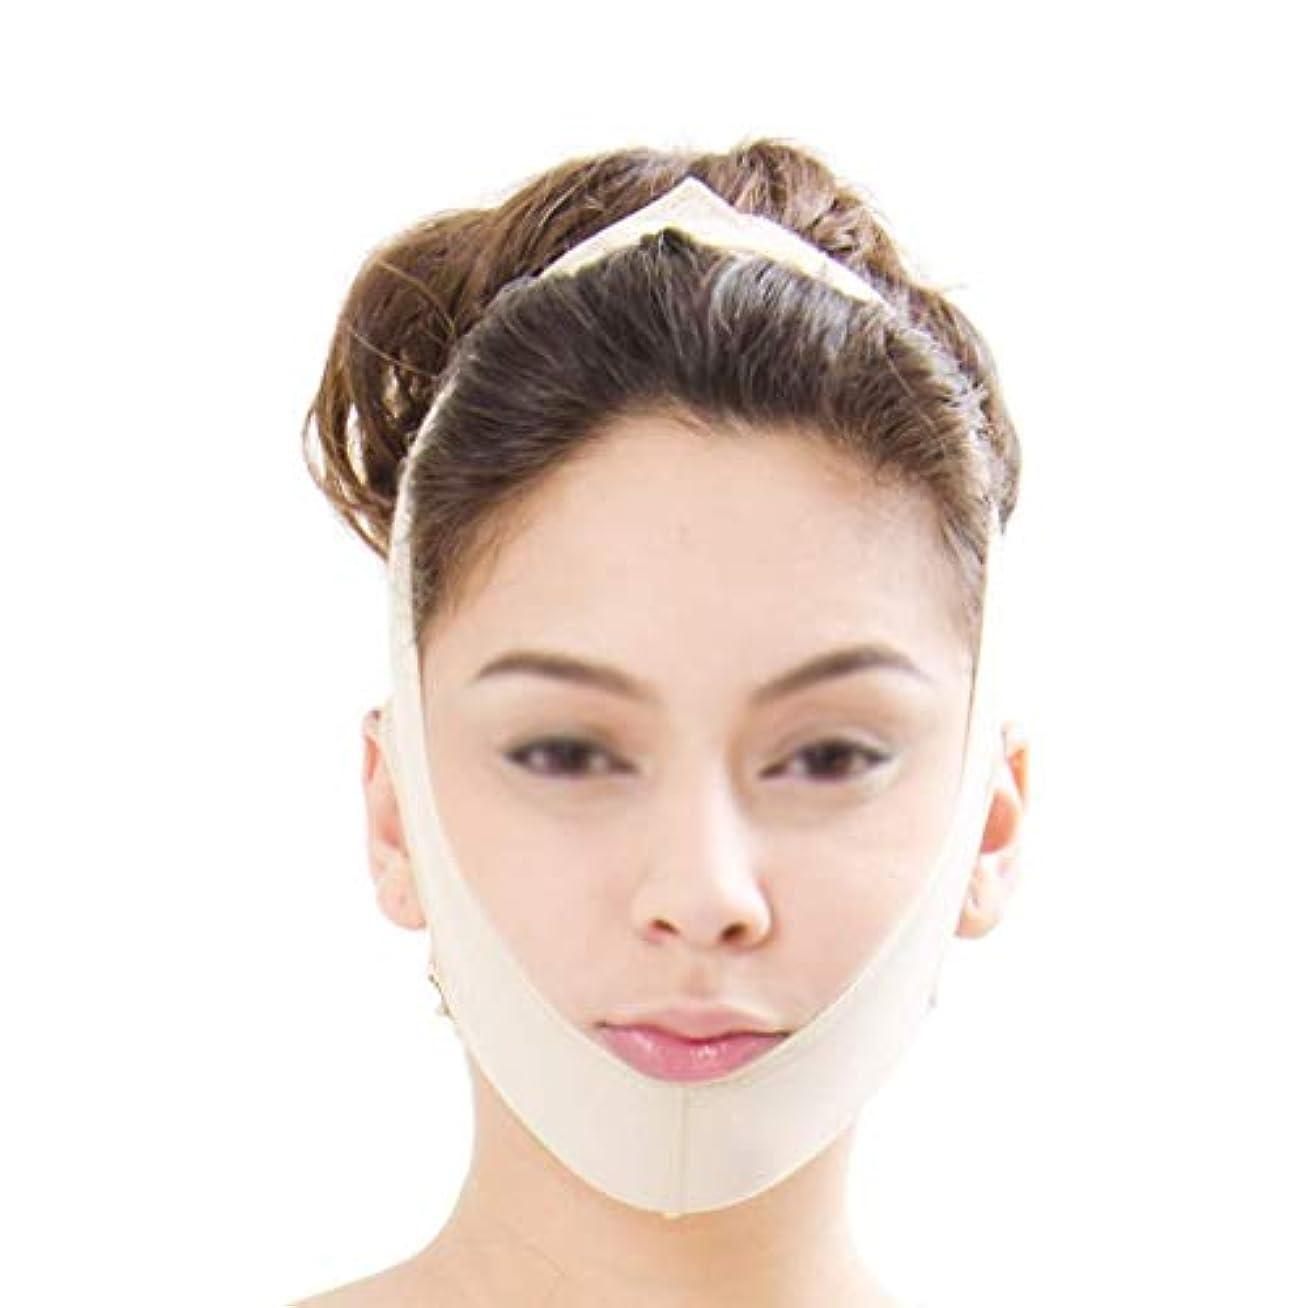 決定するまろやかな熱意フェイススリミングバンデージ、フェイスリフティングマスク、フェイスリフティングバンデージ、フェイシャル減量マスク、ダブルチンケア減量(サイズ:M),XL